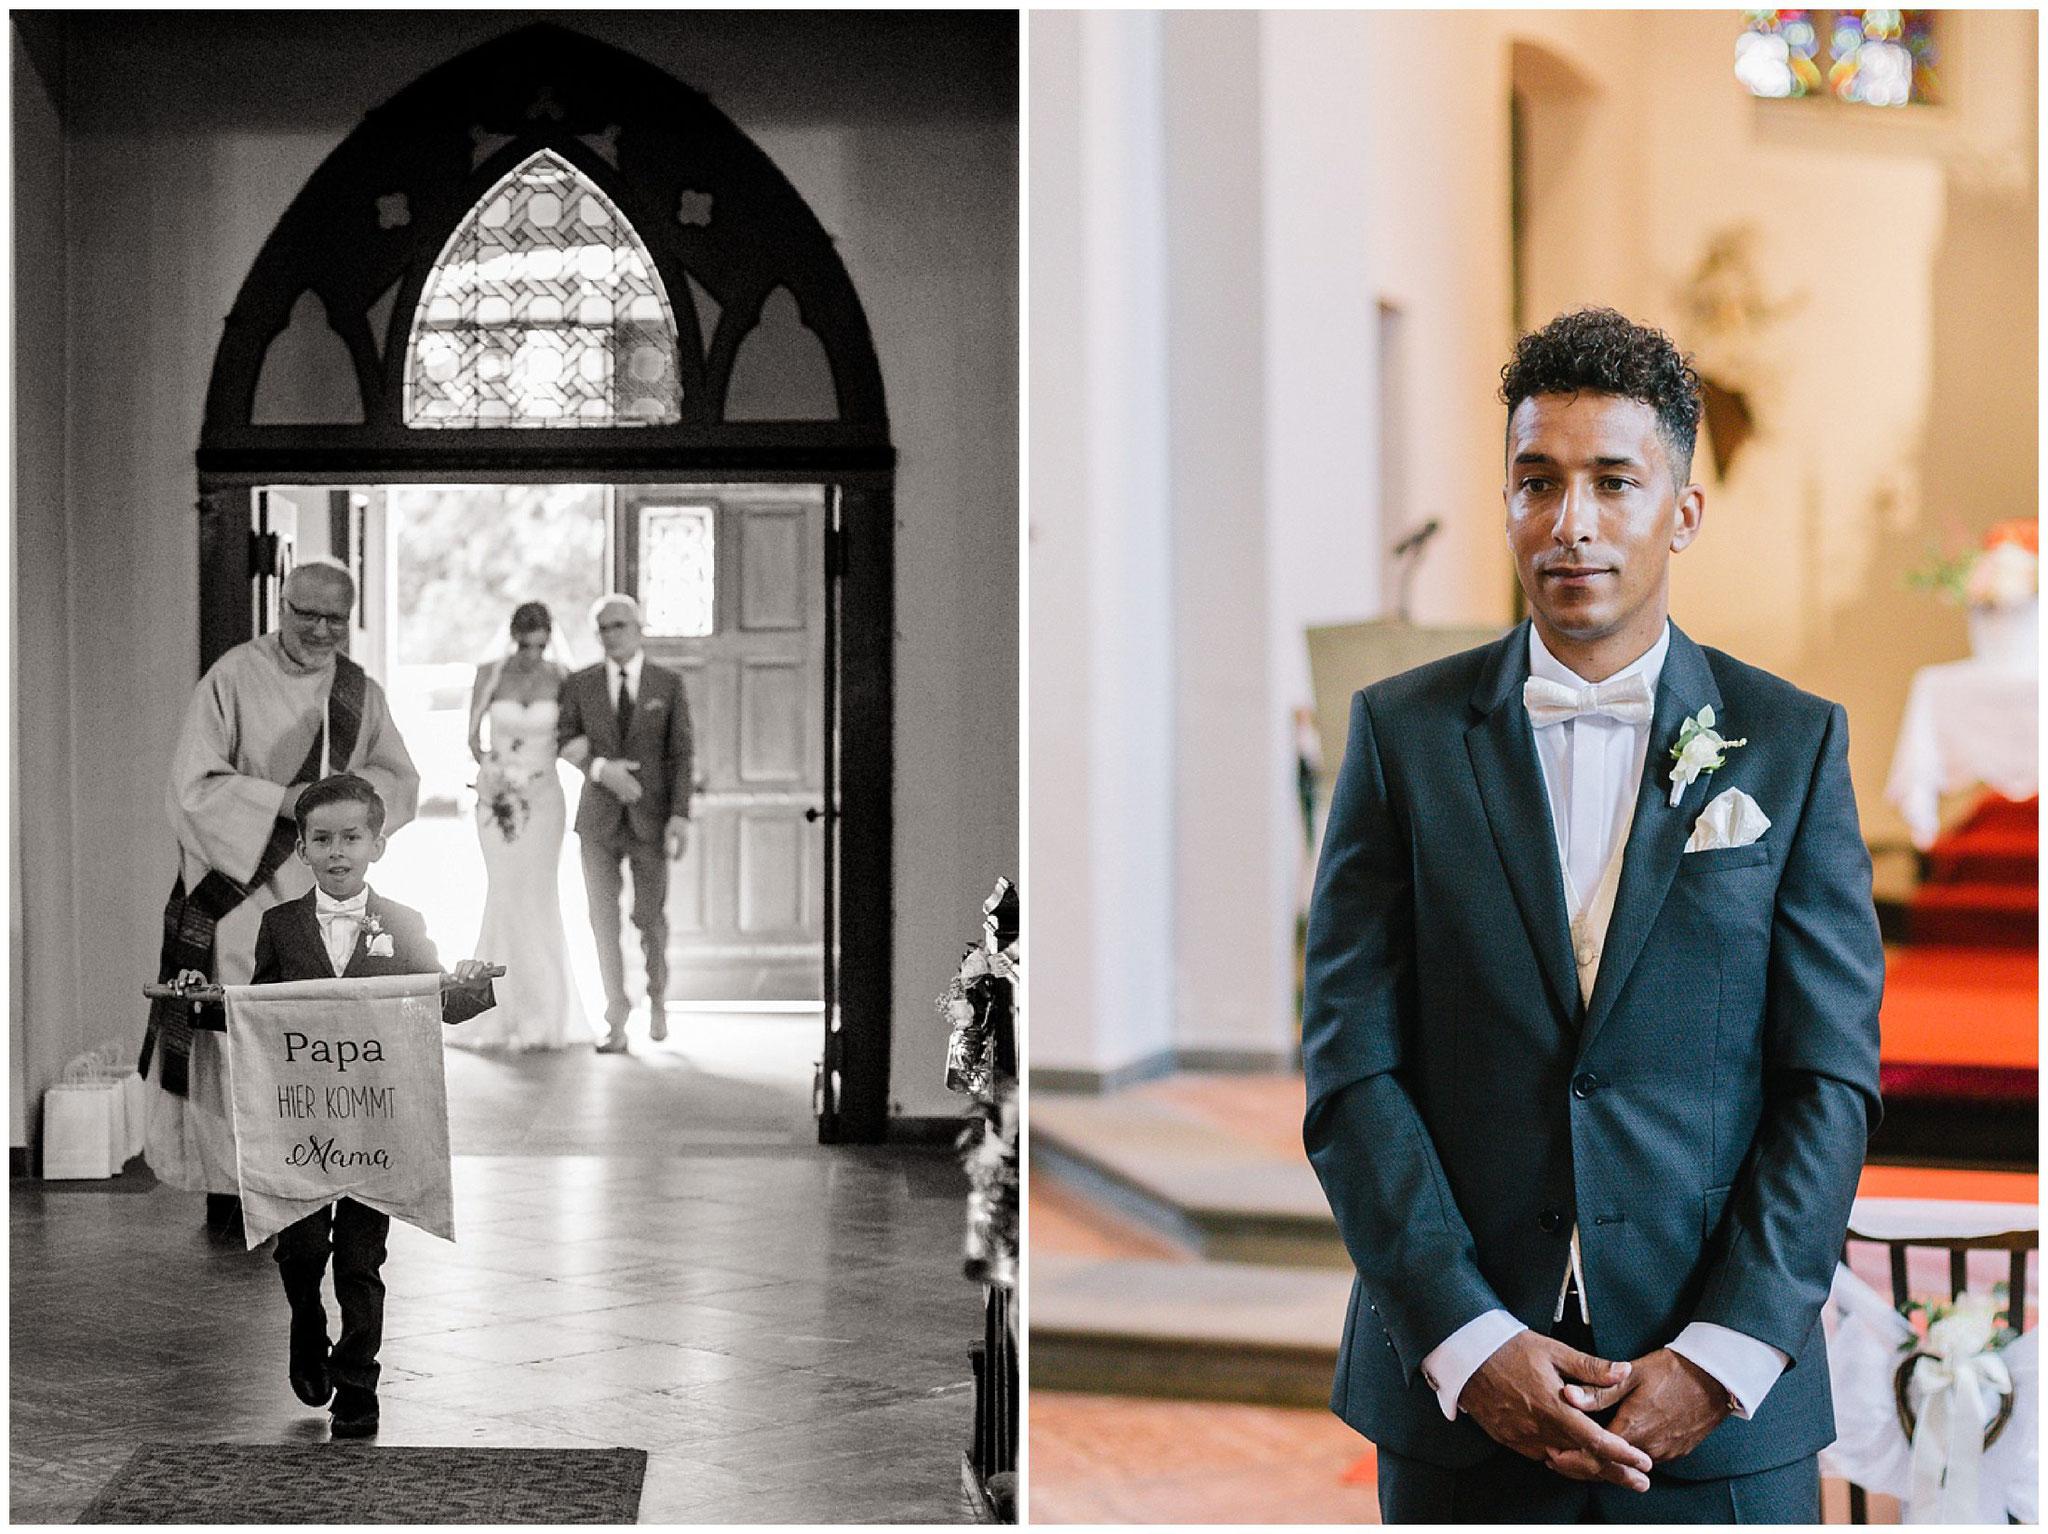 Bräutigam wartet auf braut in Kirche hochzeitsfotograf Engelskirchen industrial chic hochzeit fine art wedding Galerie Hammerwerk jane weber